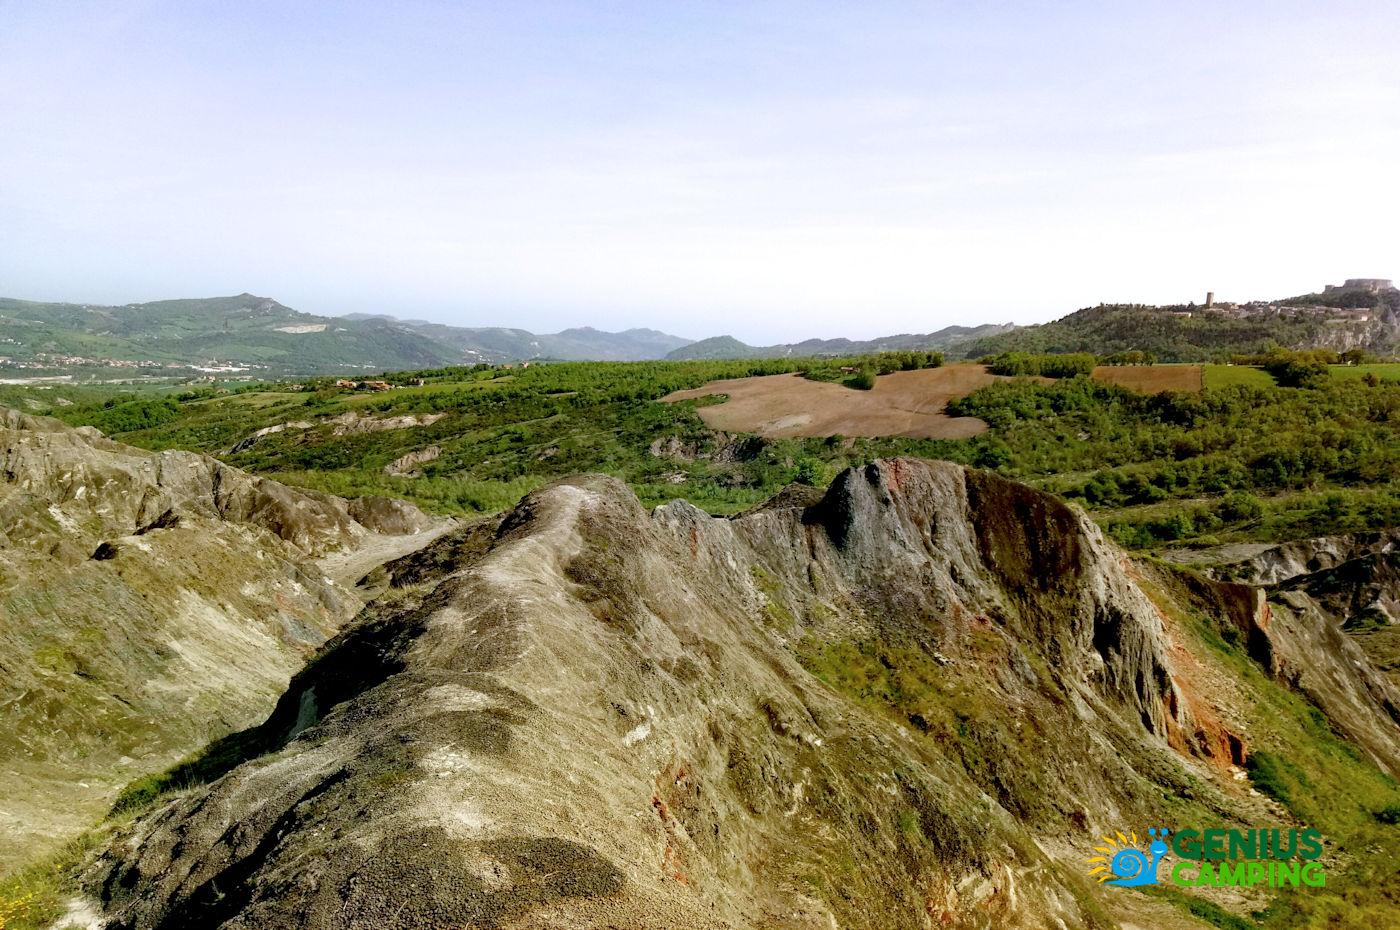 Valmarecchia e Montefeltro La rocca di Maioletto - Sentiero Maioletto 3